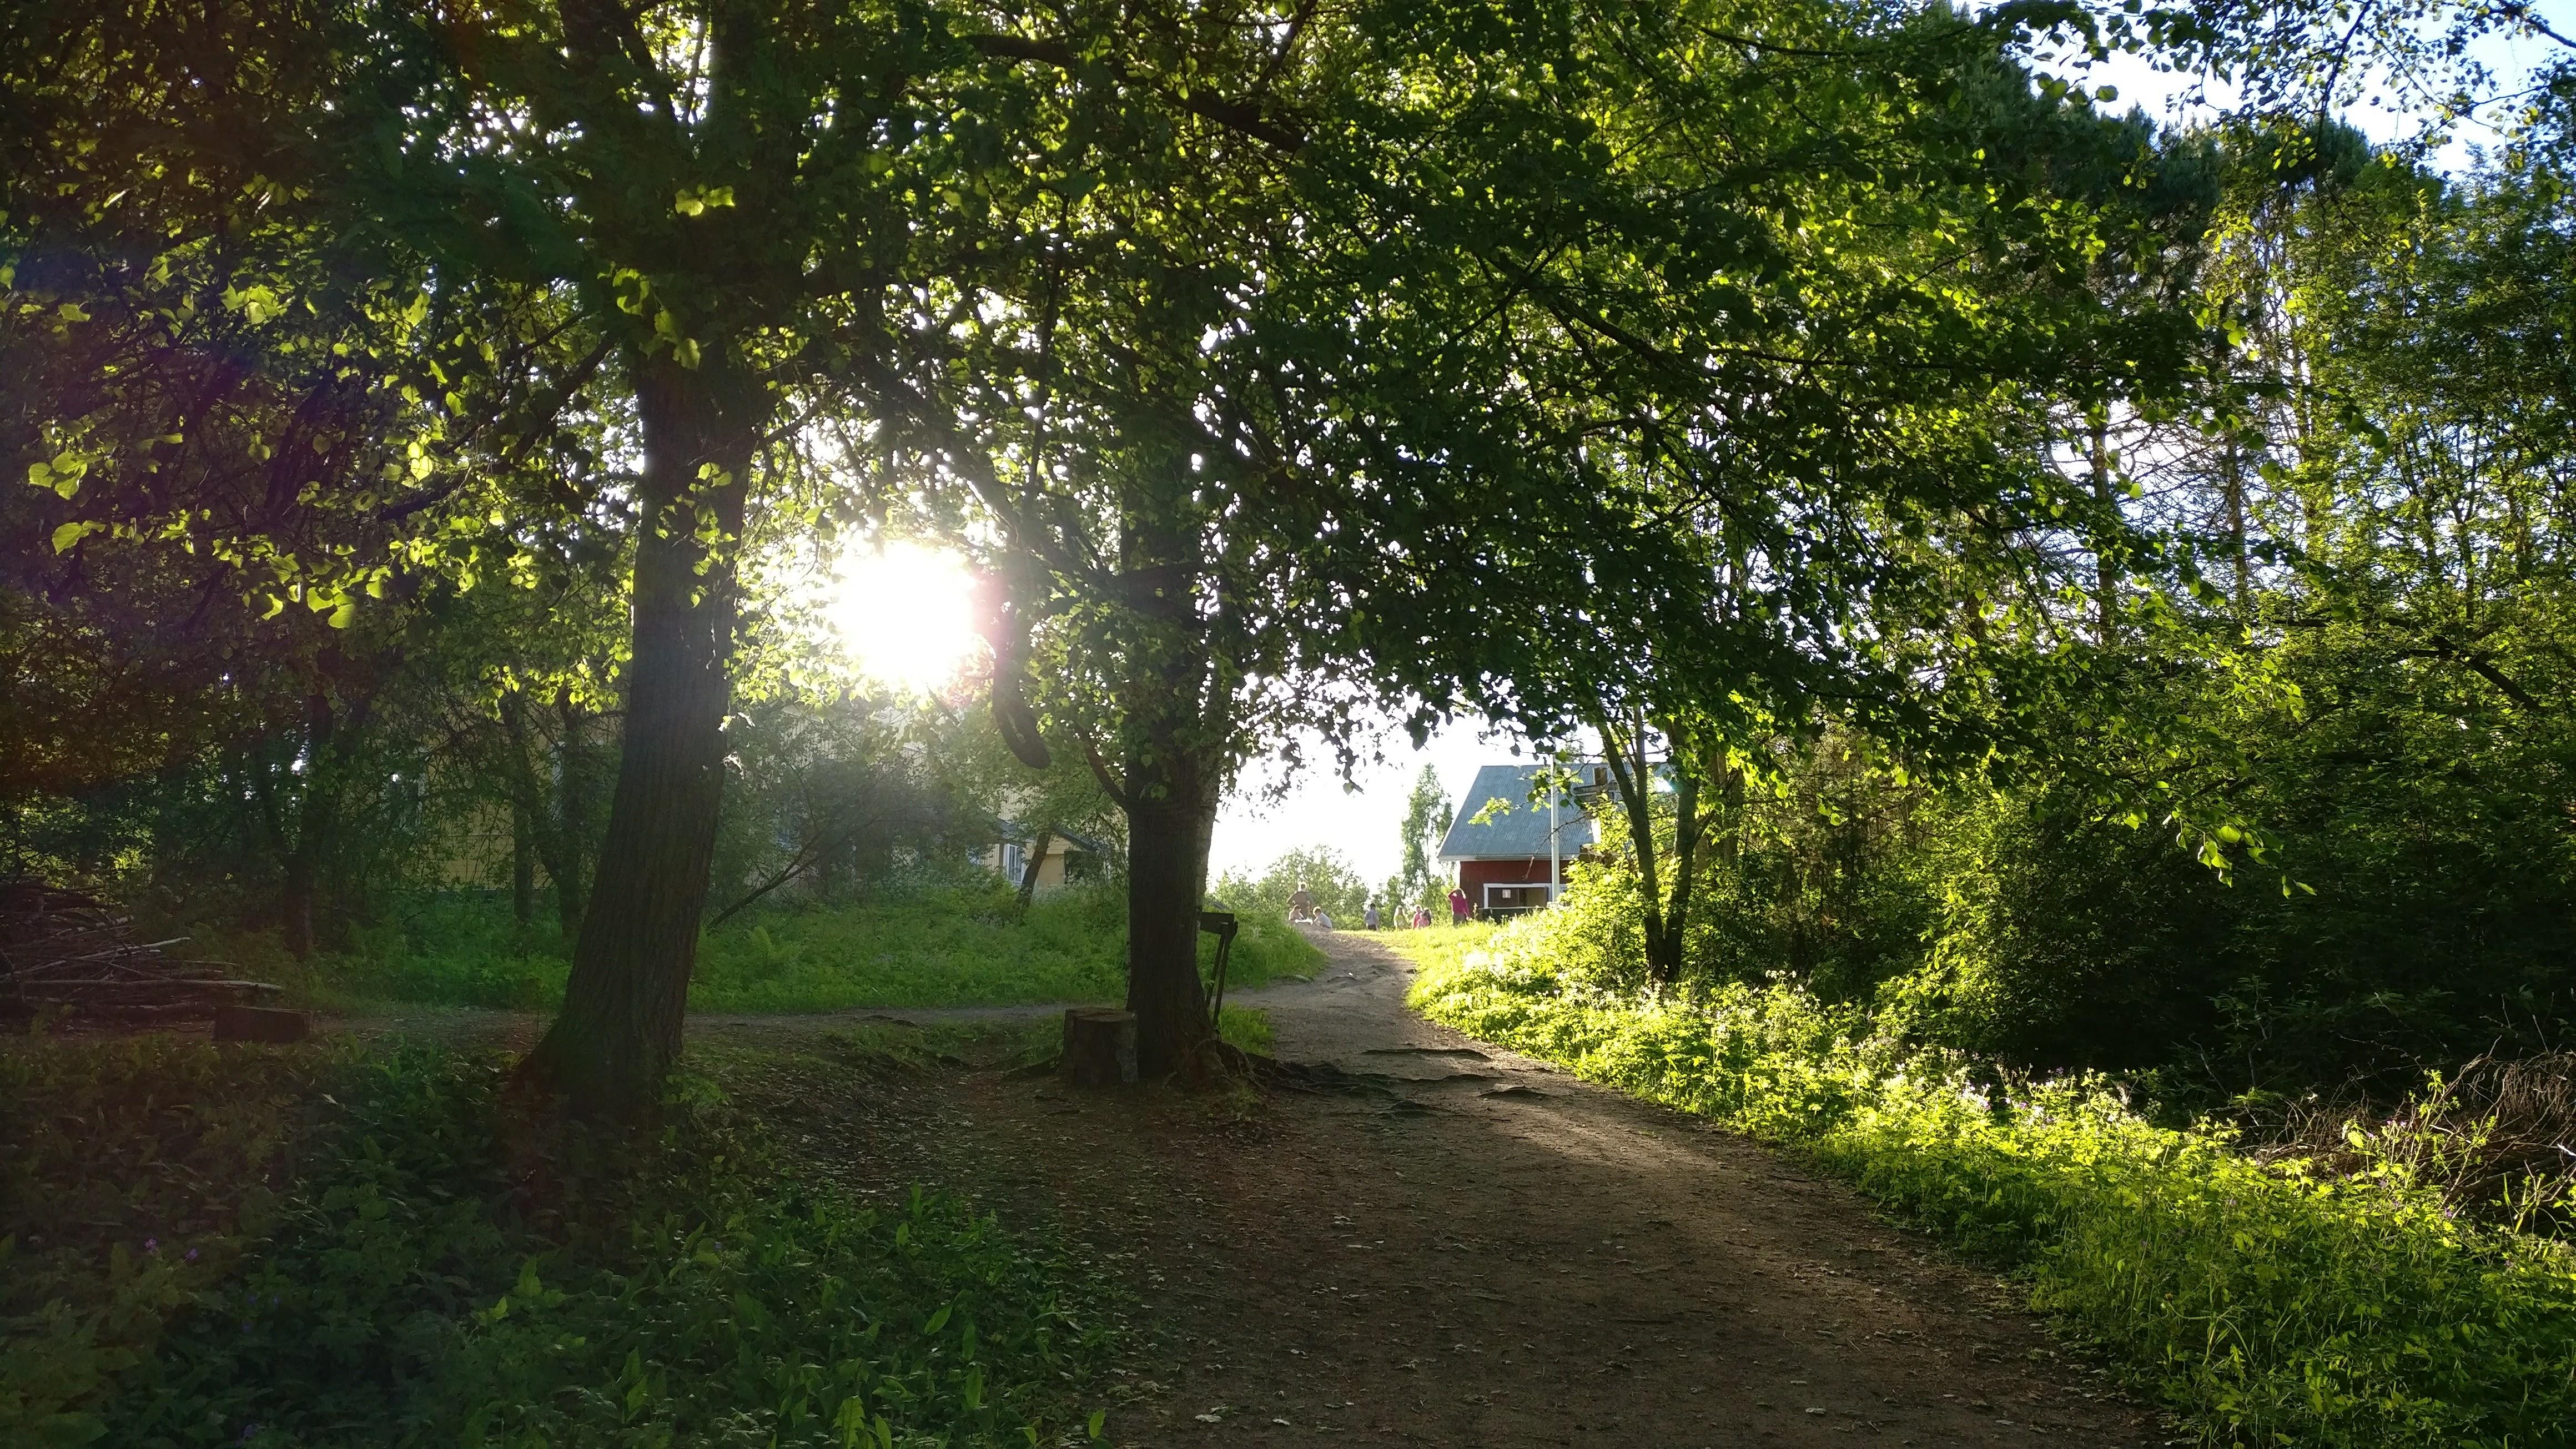 Näkymä telttakylästä päätalolle, aurinko siivilöityy puuston läpi